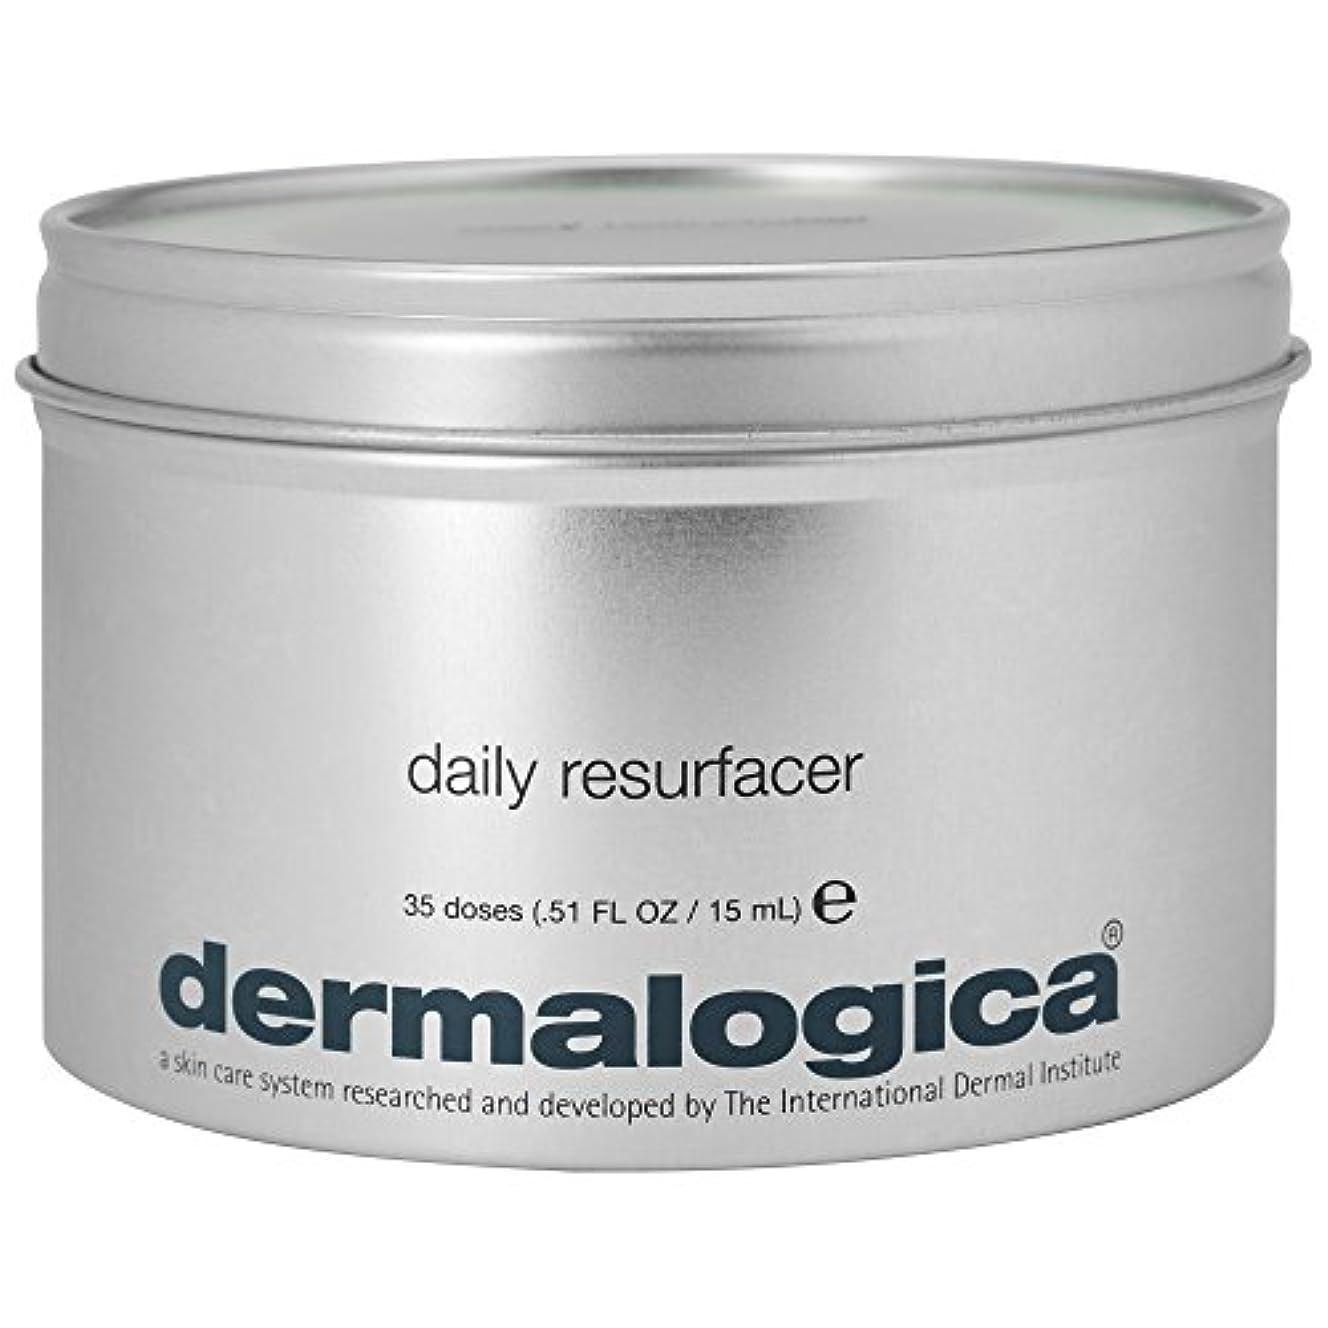 団結樫の木モールス信号35のダーマロジカ毎日Resurfacerパック (Dermalogica) - Dermalogica Daily Resurfacer Pack of 35 [並行輸入品]